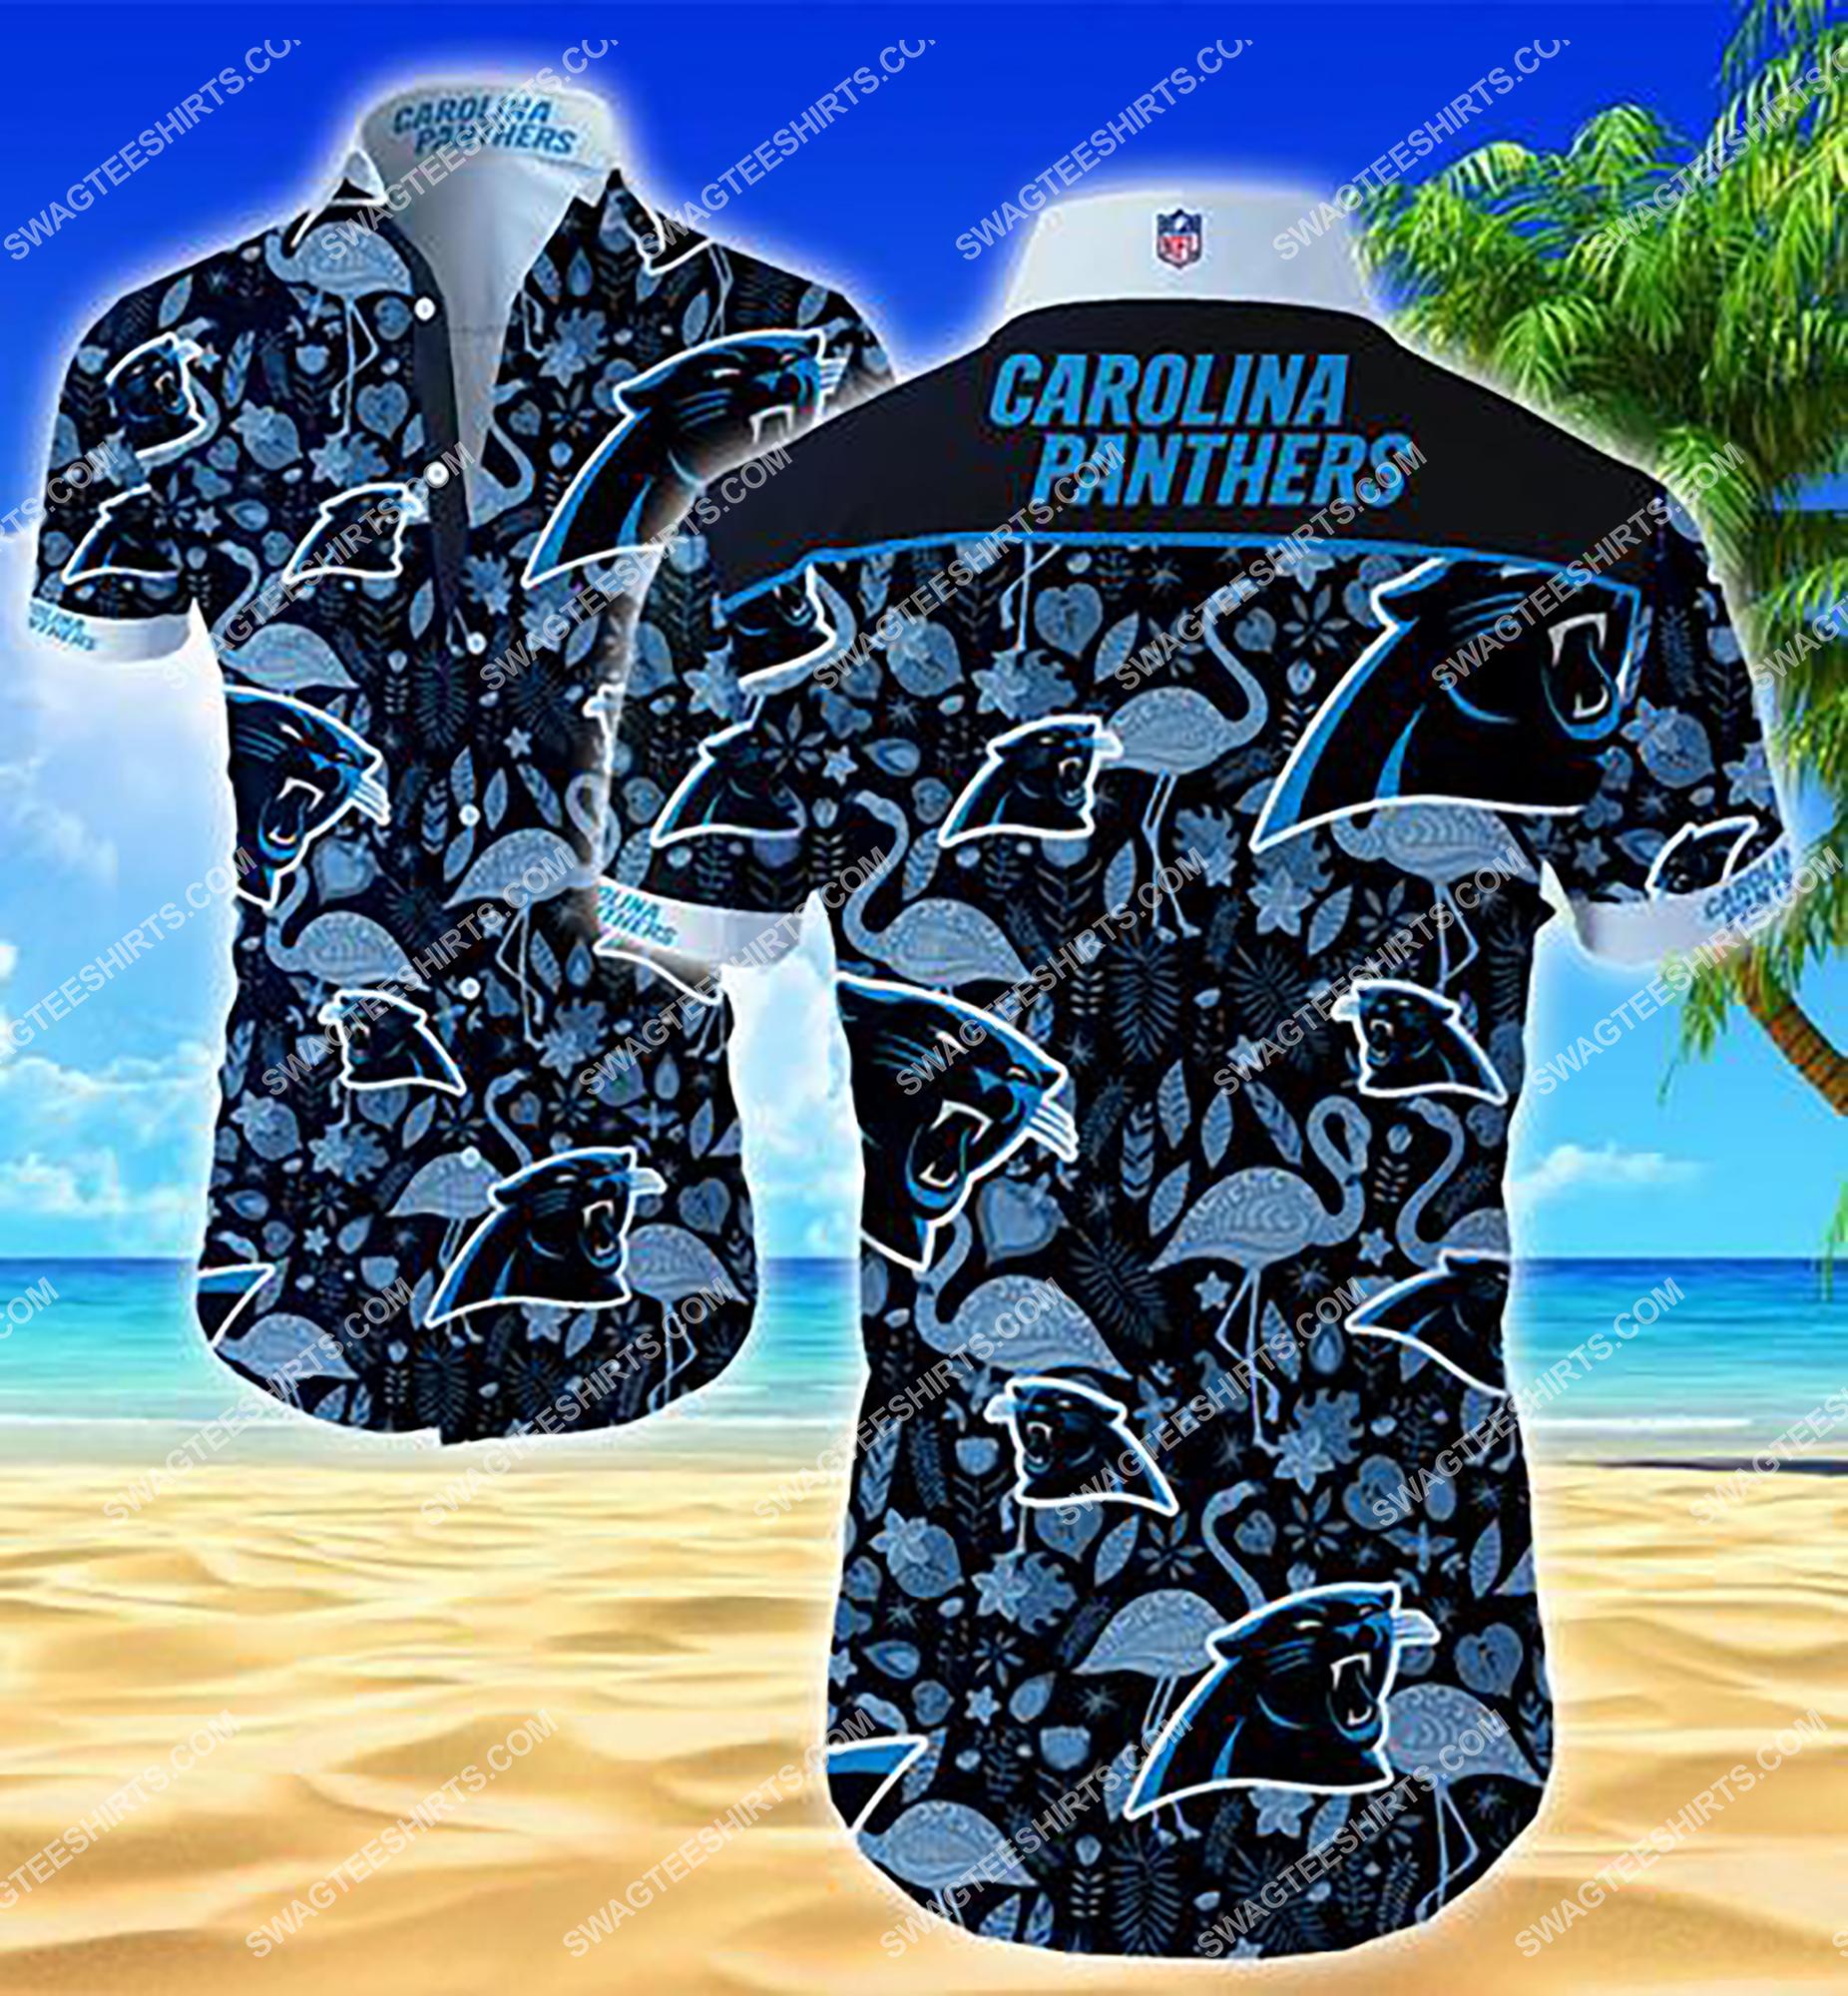 the carolina panthers football team summer hawaiian shirt 2 - Copy (3)